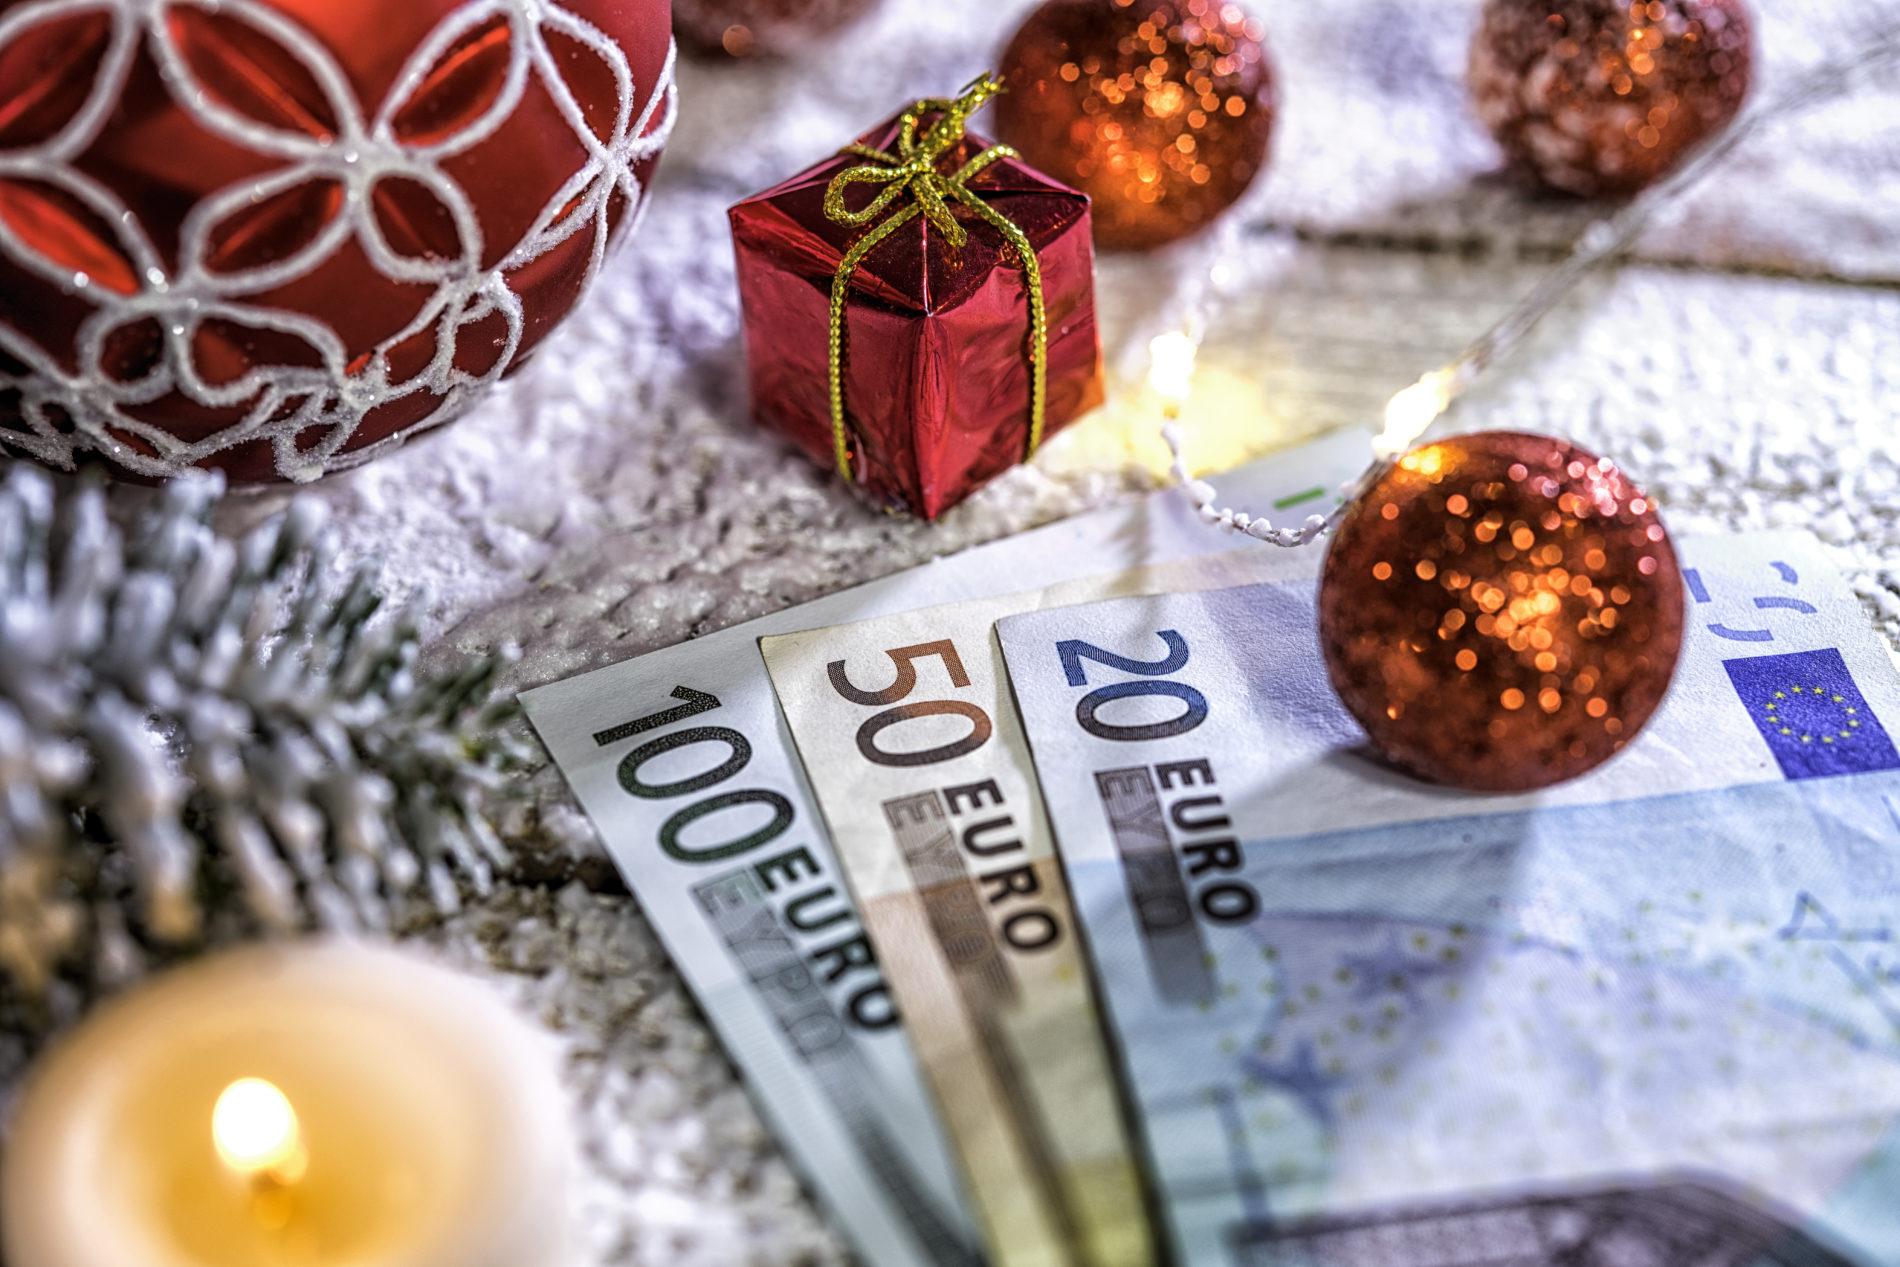 Weihnachten - So schenken und feiern Unternehmer steueroptimal - 5.11.2020